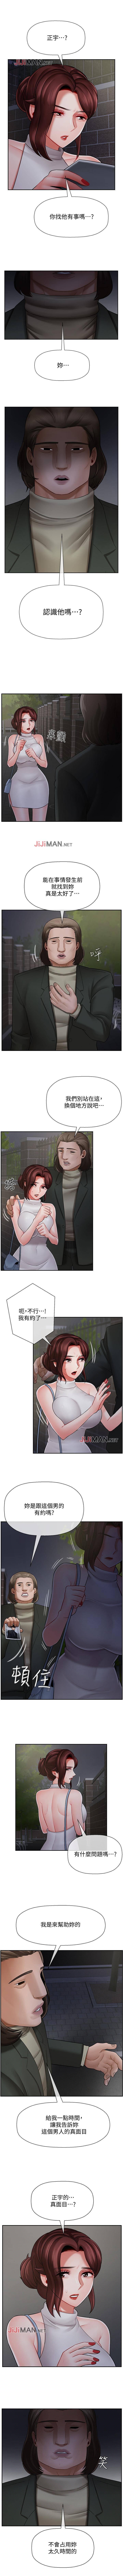 【已休刊】坏老师(作者:朴世談&福) 第1~31话 60